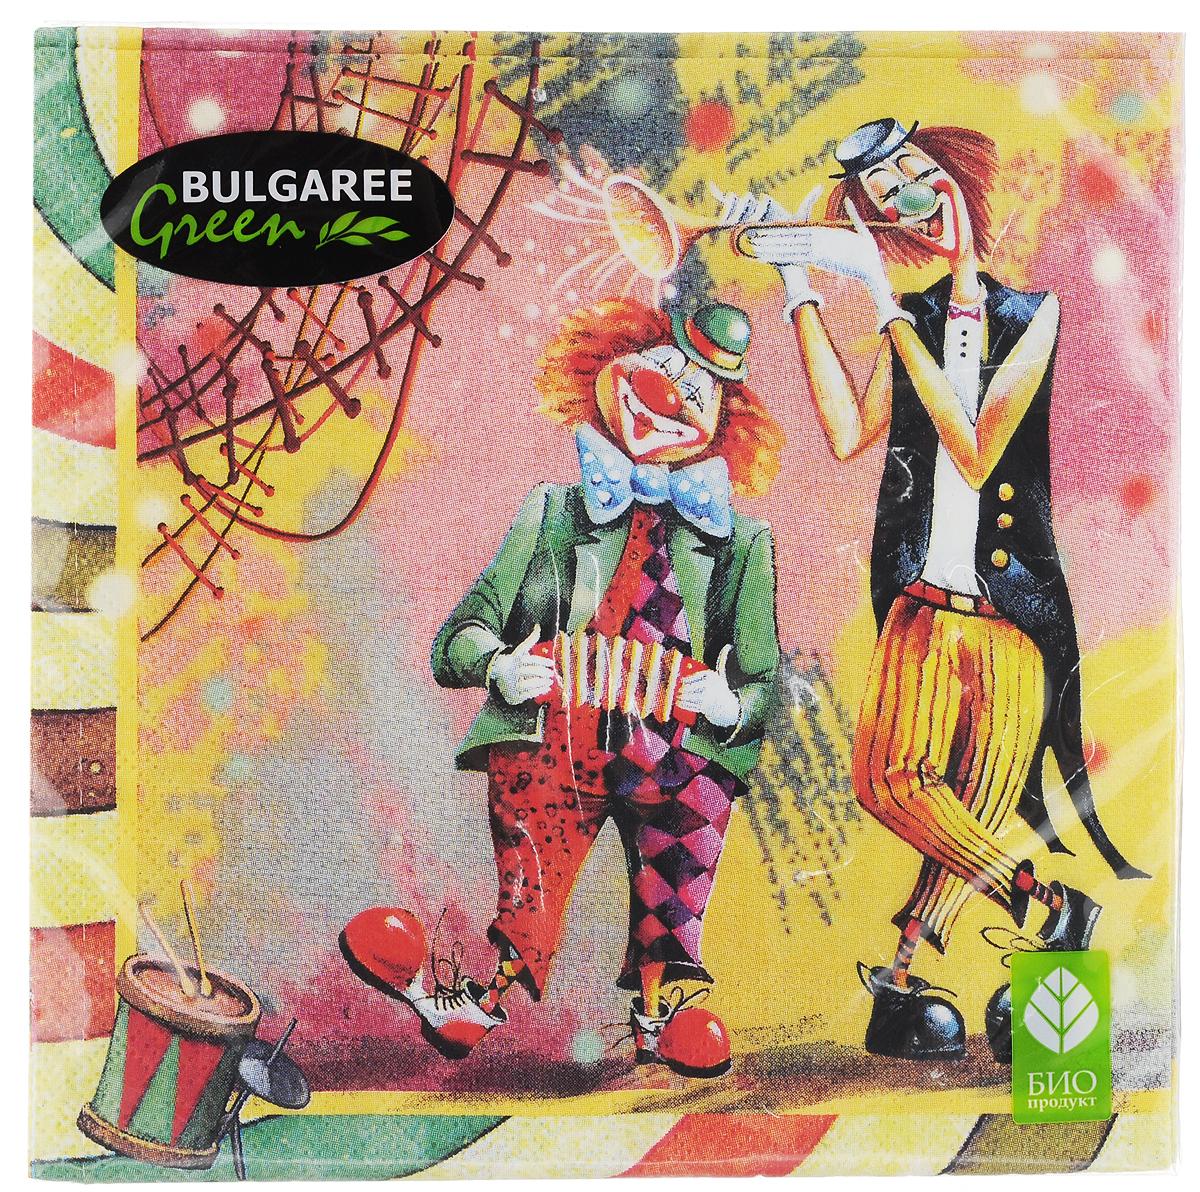 """Декоративные трехслойные салфетки Bulgaree Green """"Клоун"""" выполнены из 100%целлюлозы европейского качества и оформлены ярким рисунком. Изделия станут отличным дополнением любого праздничного стола. Они отличаются необычной мягкостью, прочностью и оригинальностью.Размер салфеток в развернутом виде: 33 х 33 см."""